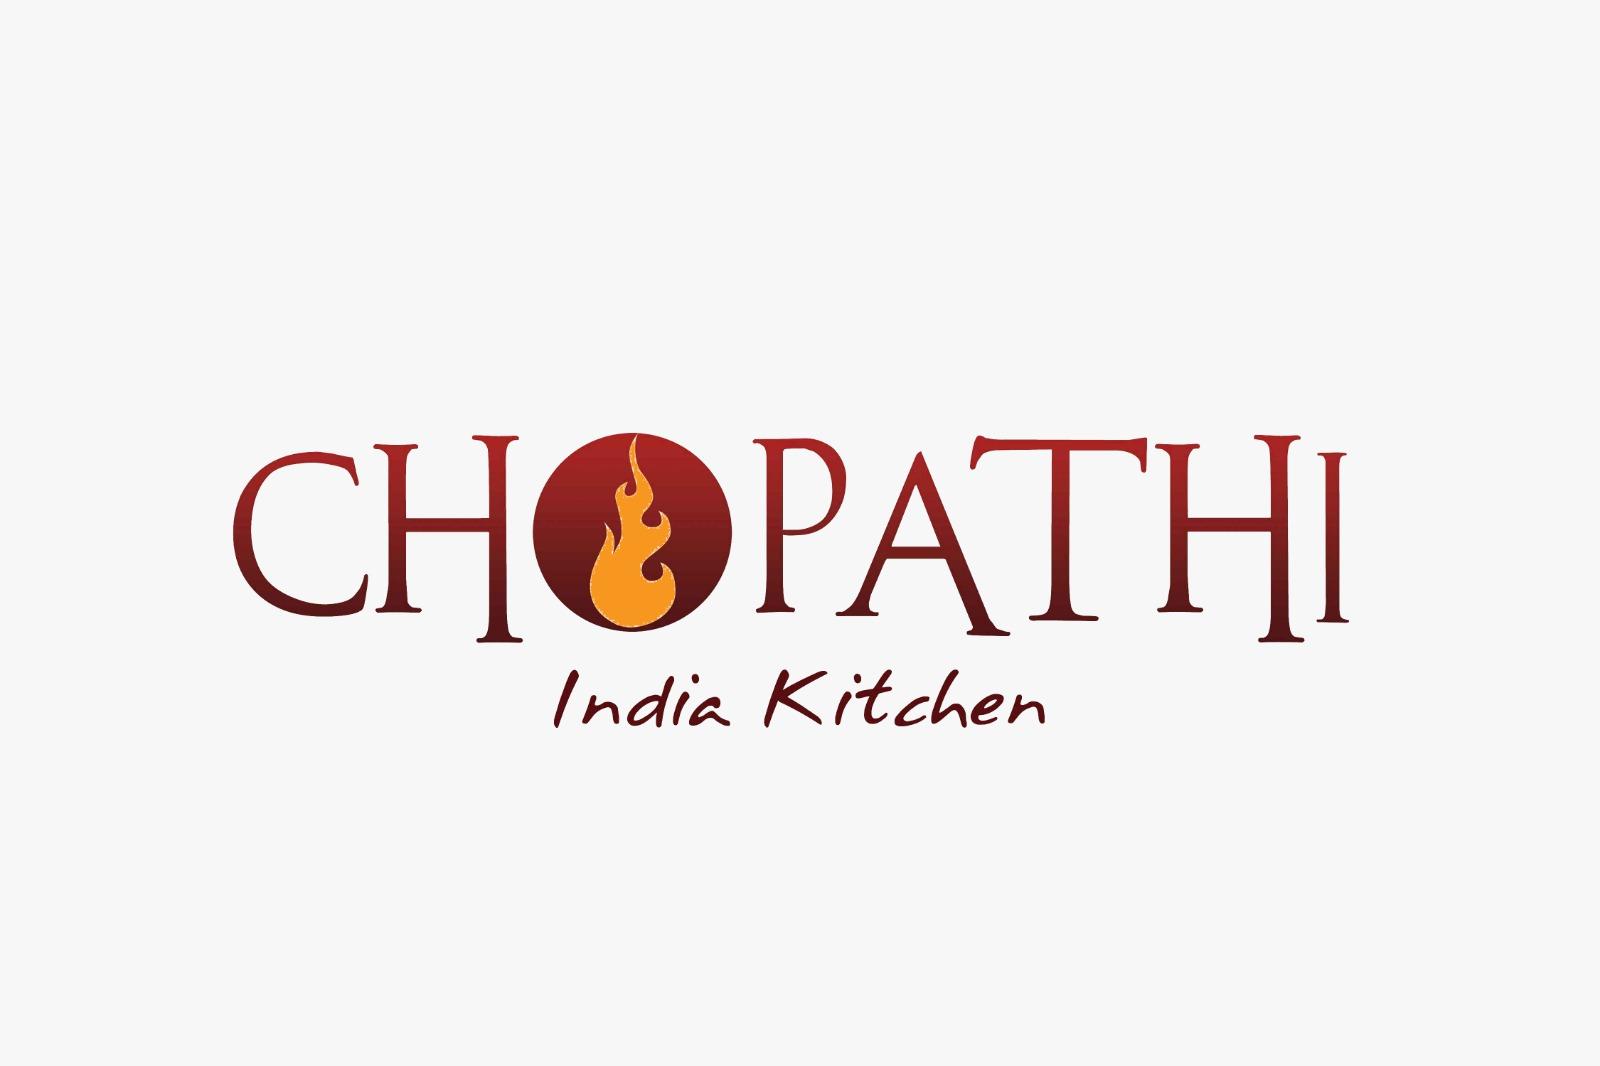 Chopati